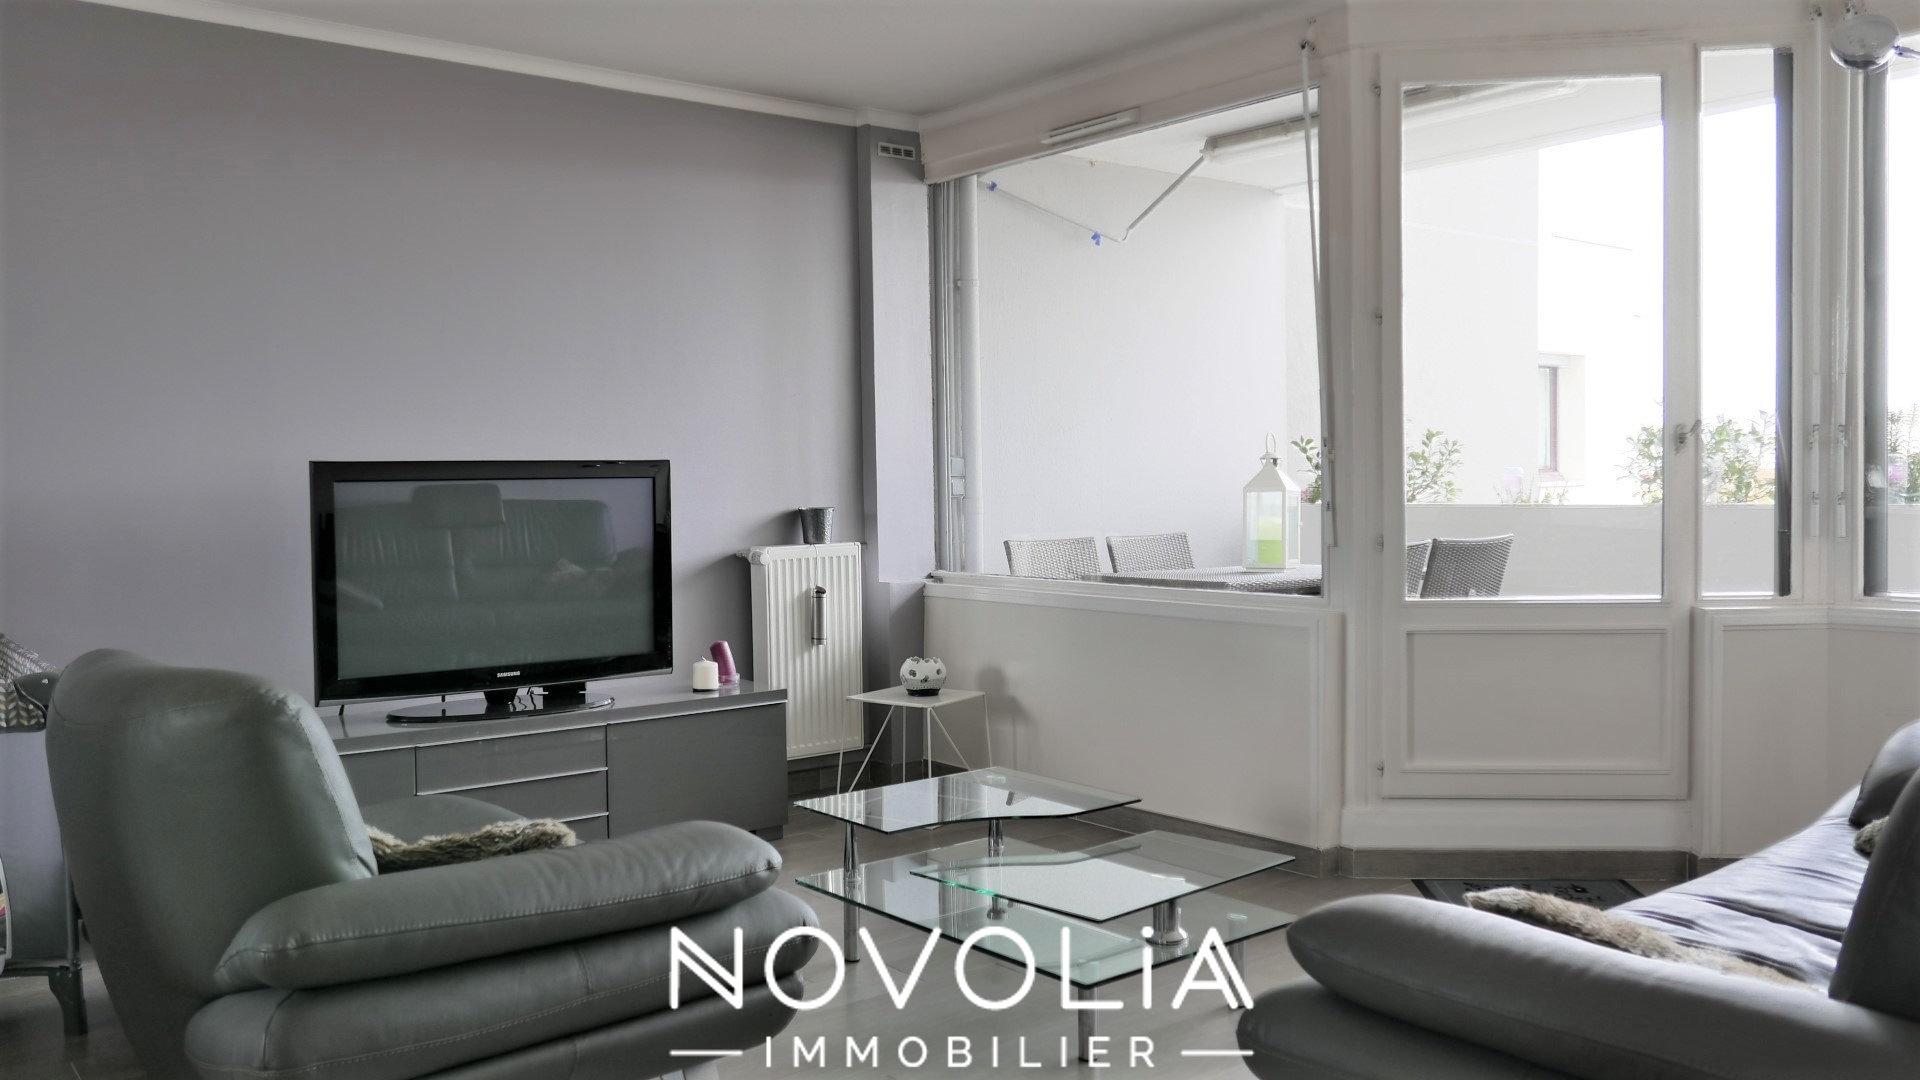 Achat Appartement Surface de 77 m², 3 pièces, Lyon 8ème (69008)